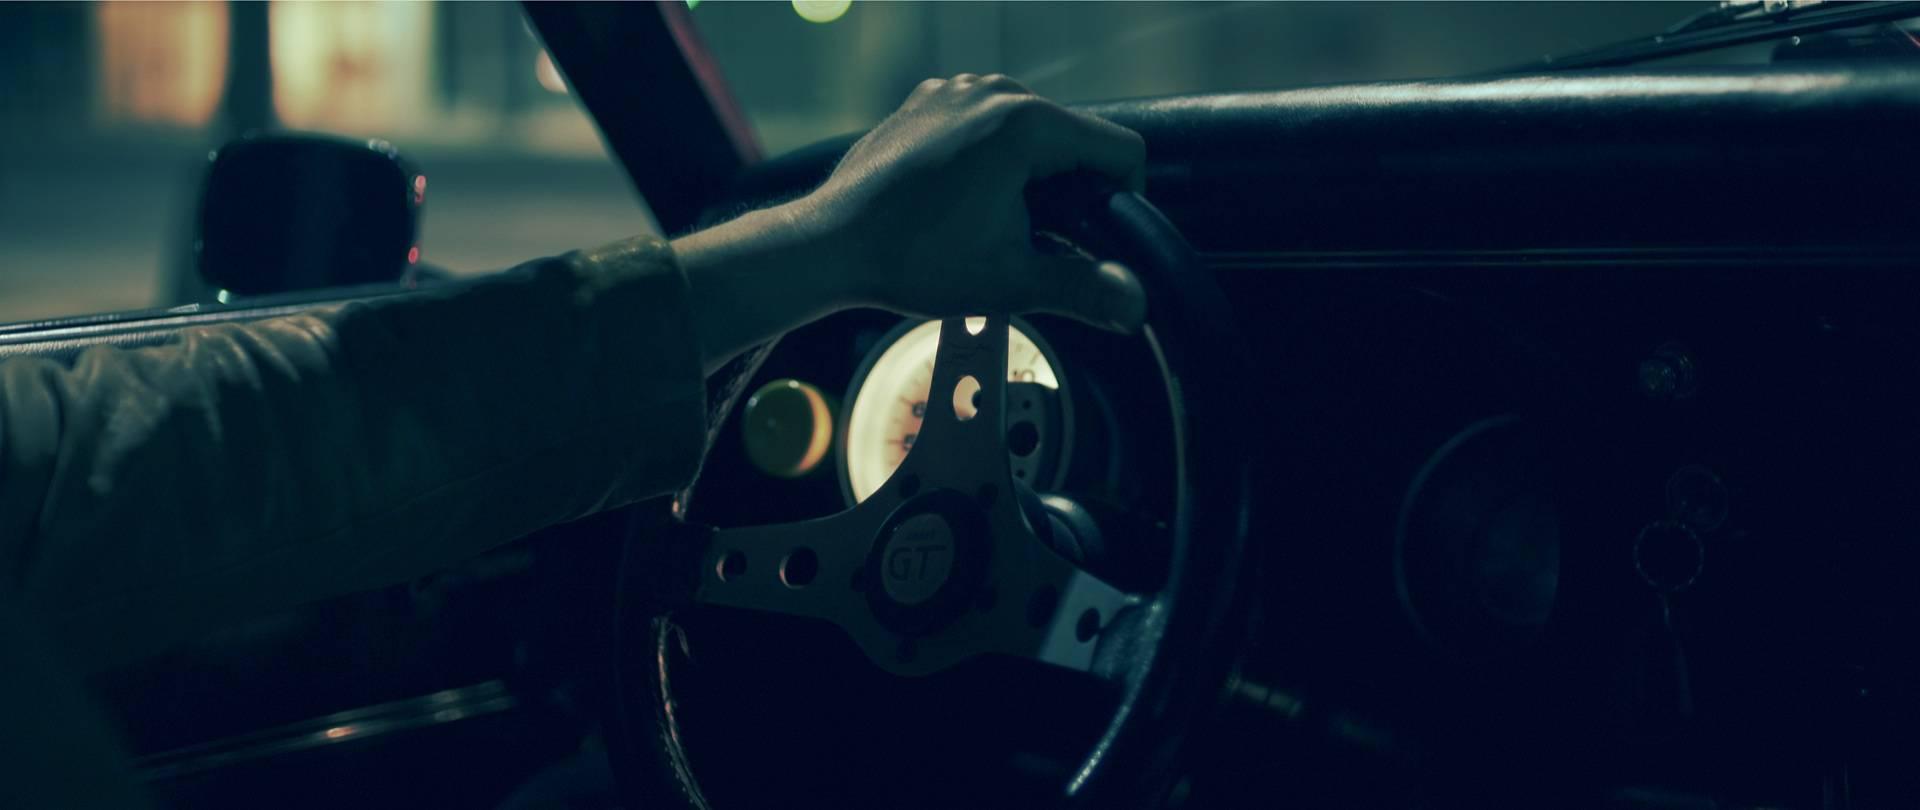 Famous Music Video Directors - Cinematographers   Alex Kinter